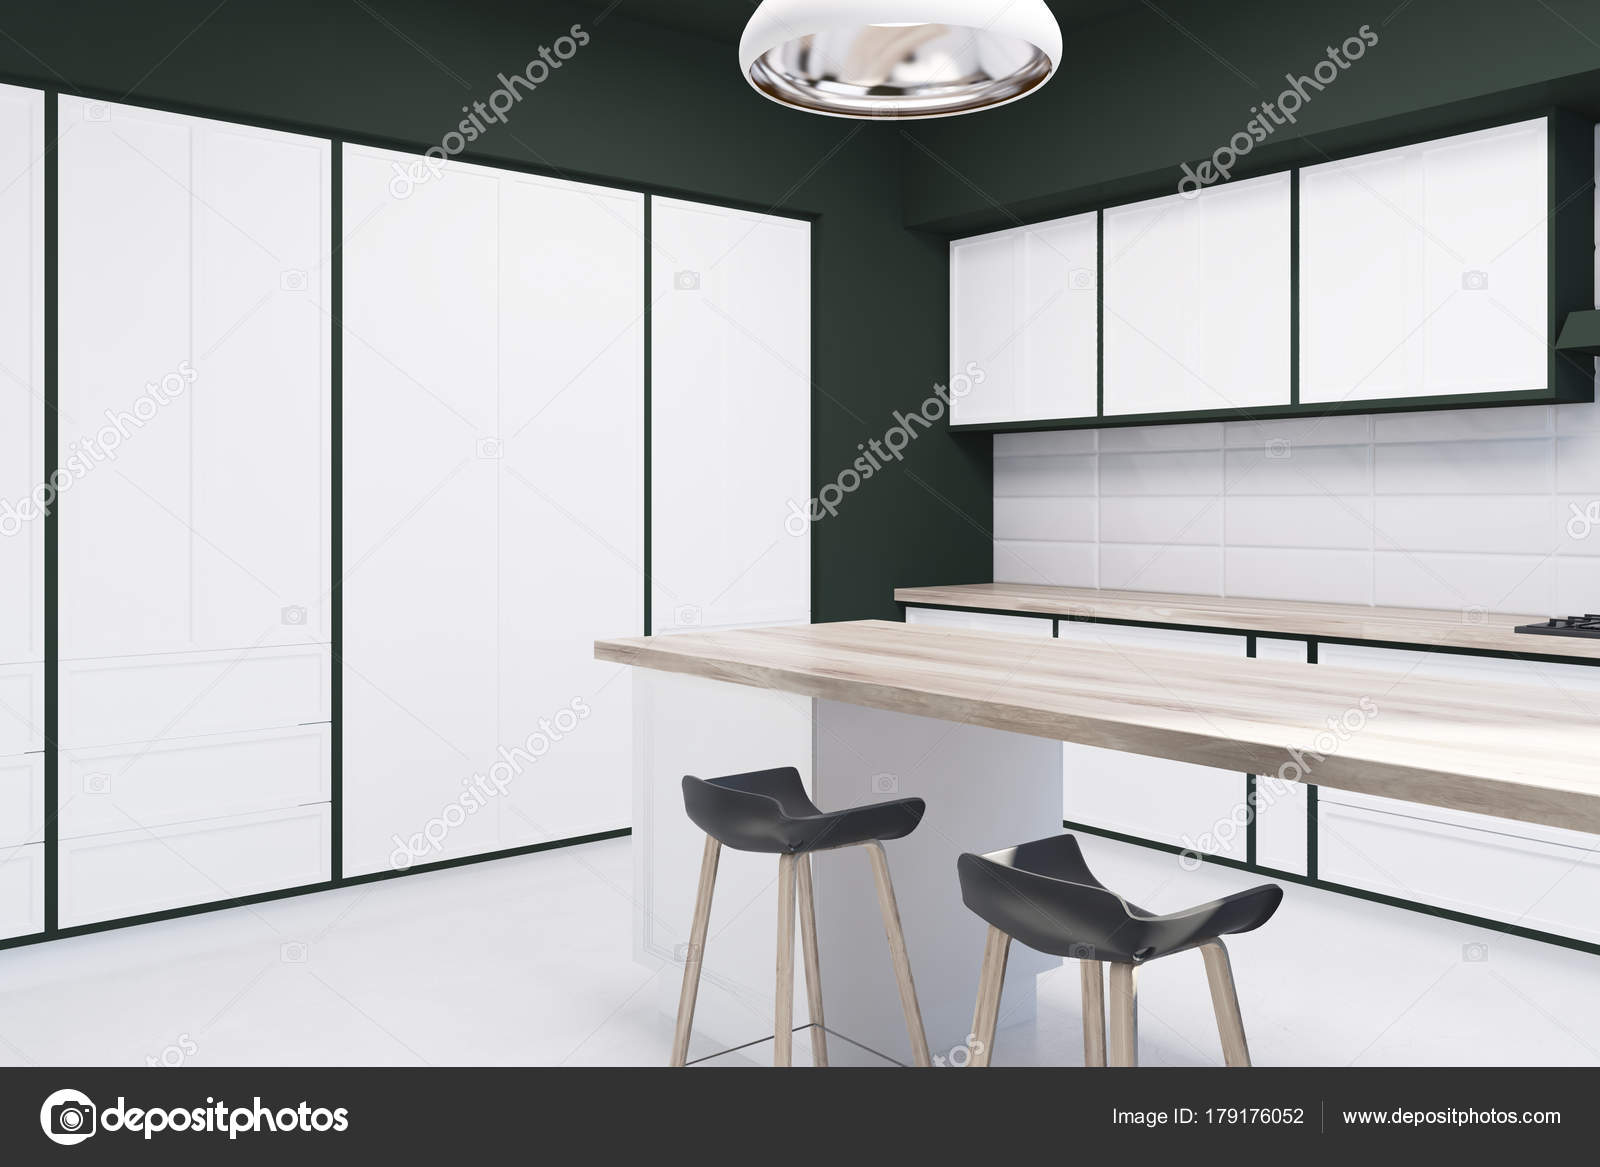 Witte Tegels Keuken : Witte tegel en zwarte keuken bar kant u stockfoto denisismagilov